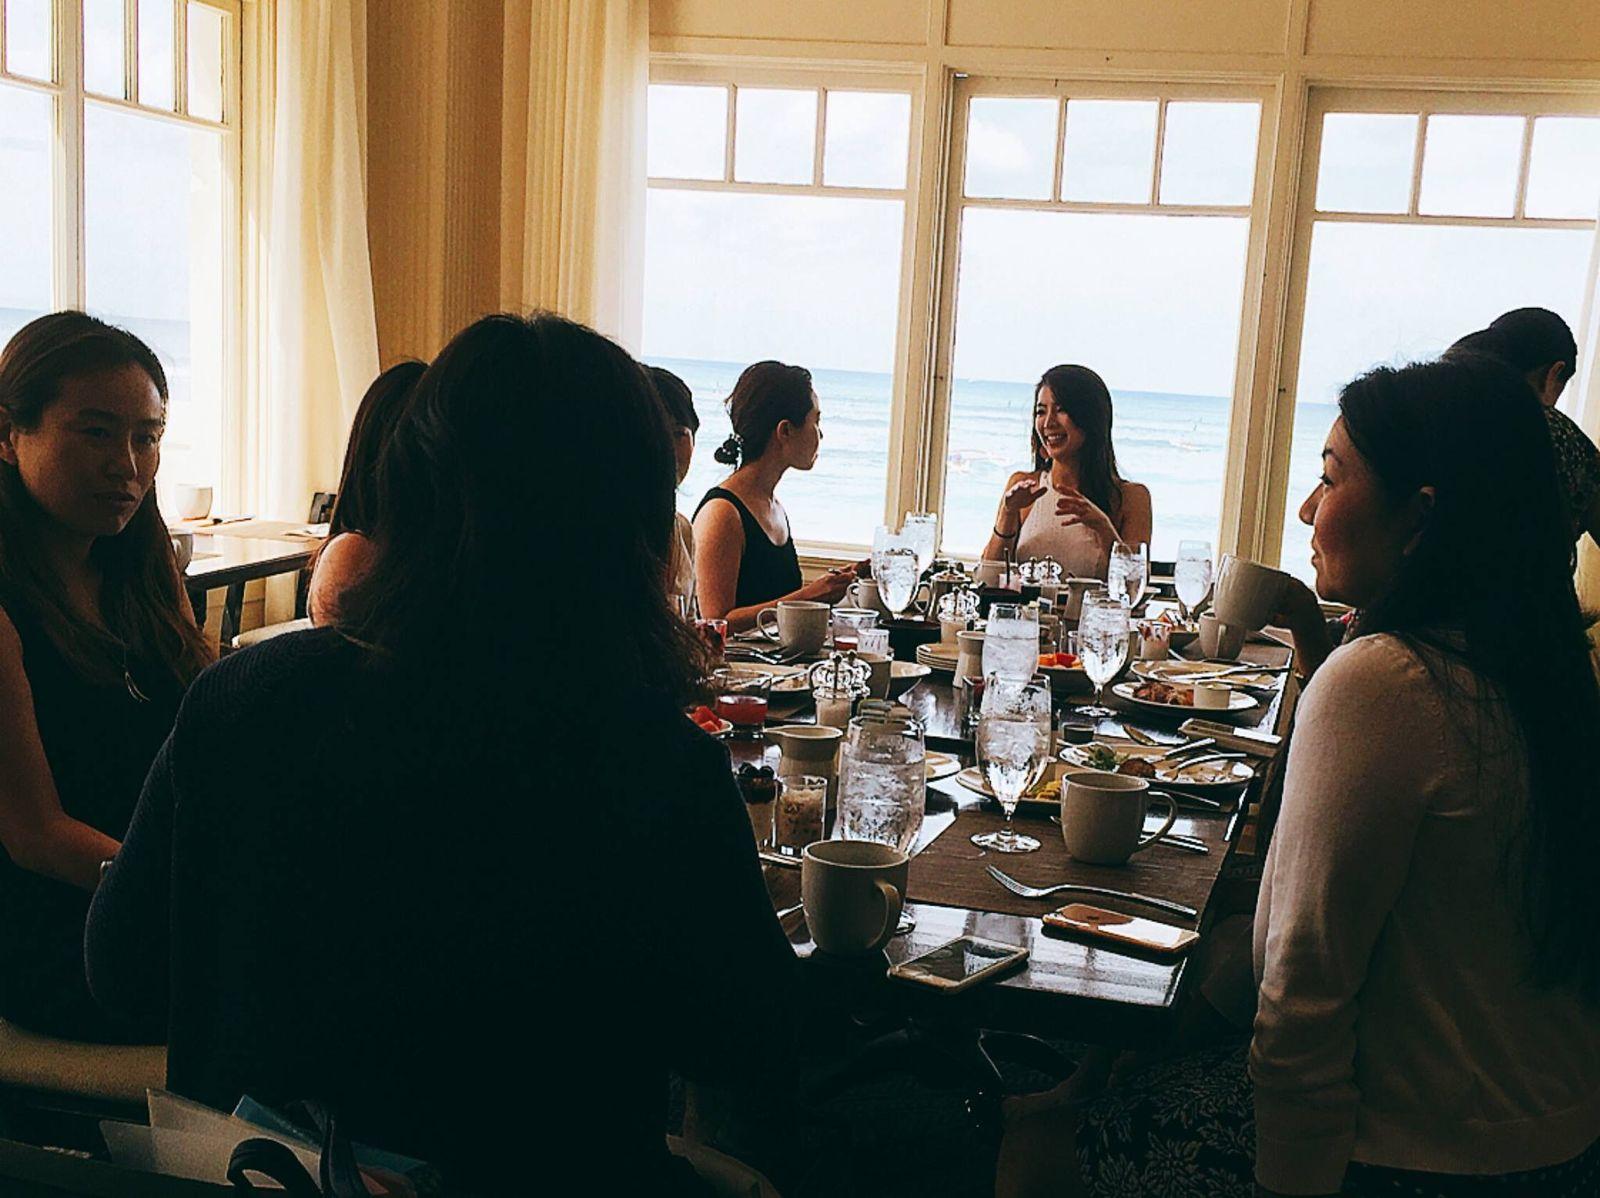 気の置けない友だちと、たっぷりおしゃべりしたら、もうそれだけで、元気回復。そんなガールズトークにぴったりのレストランやカフェも、モアナ サーフライダーの中にあります。こちらは、「the veranda(ザ・ベランダ)」の朝食ビュッフェでの一コマ。